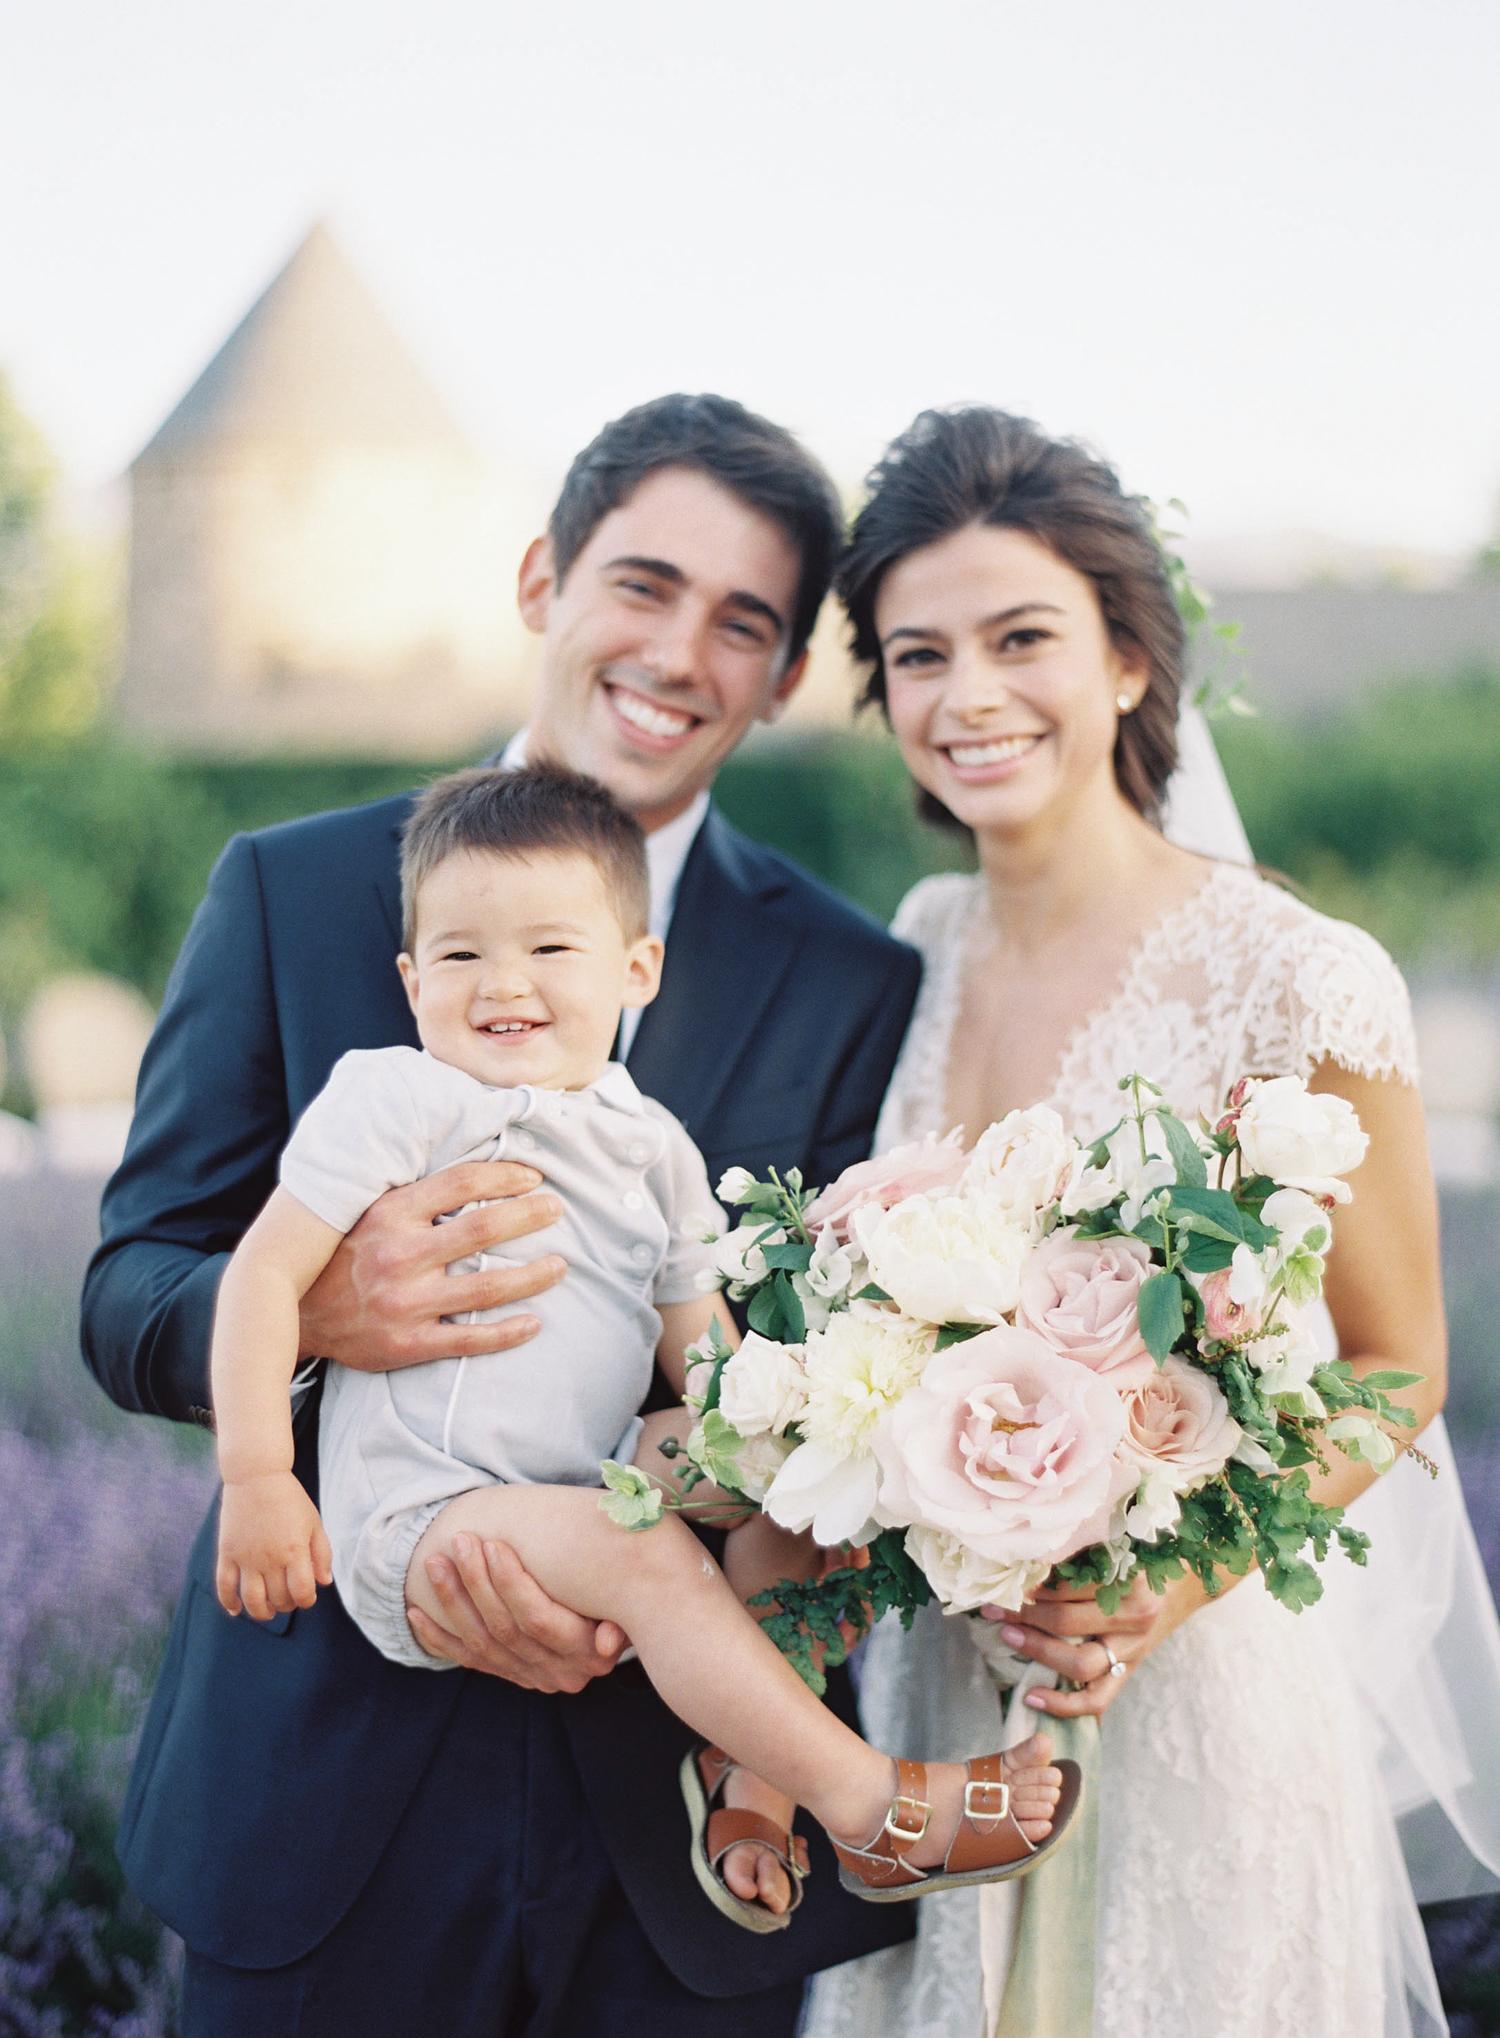 kestrel-park-wedding-36.jpg